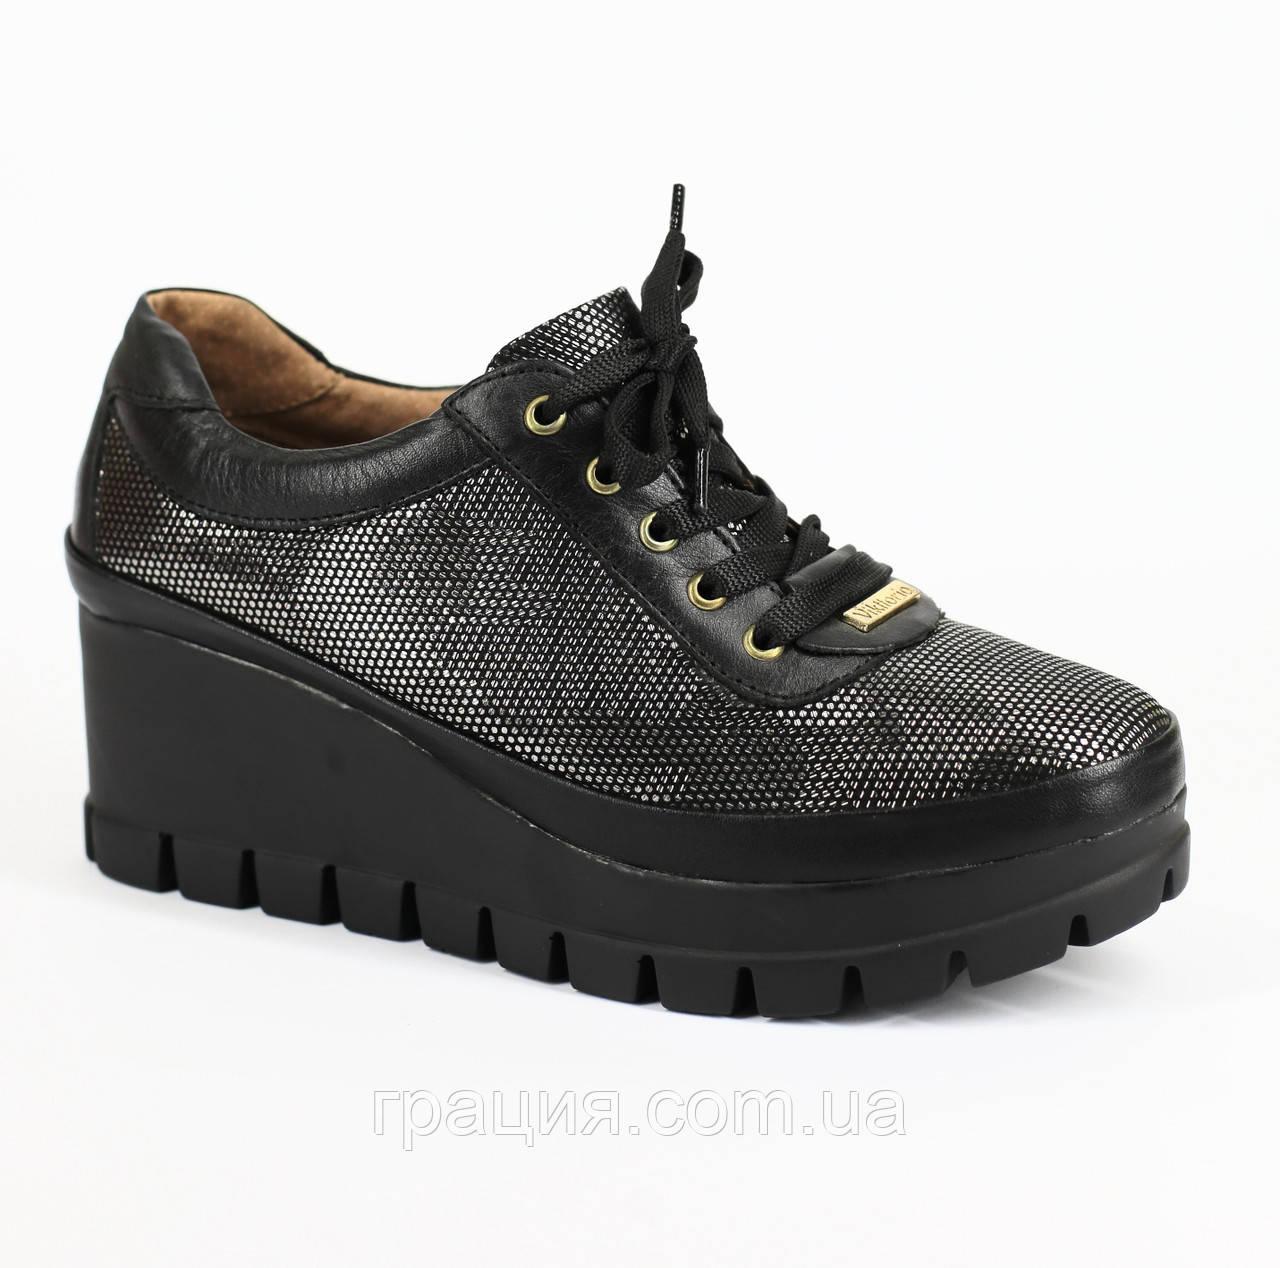 Жіночі молодіжні туфлі на платформі